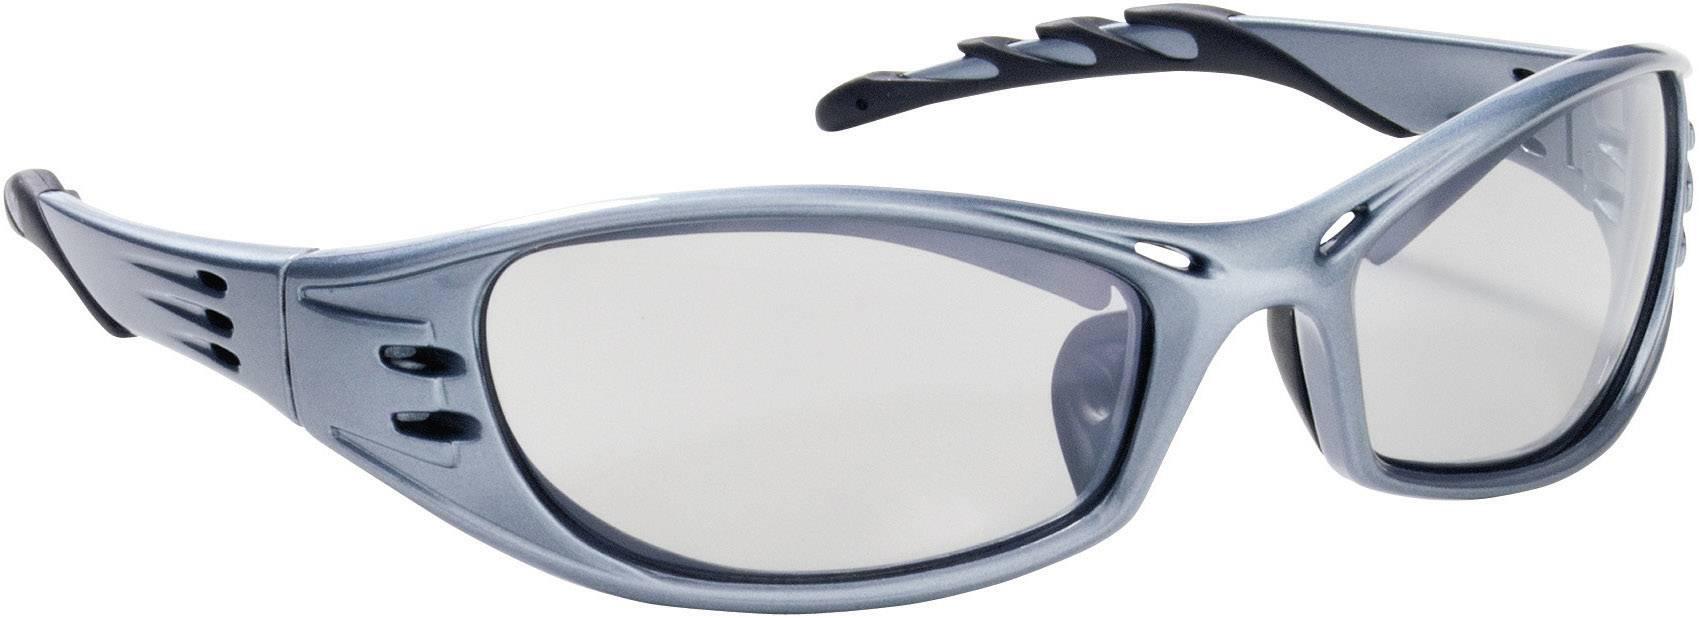 Ochranné okuliare 3M Fuel, sivé